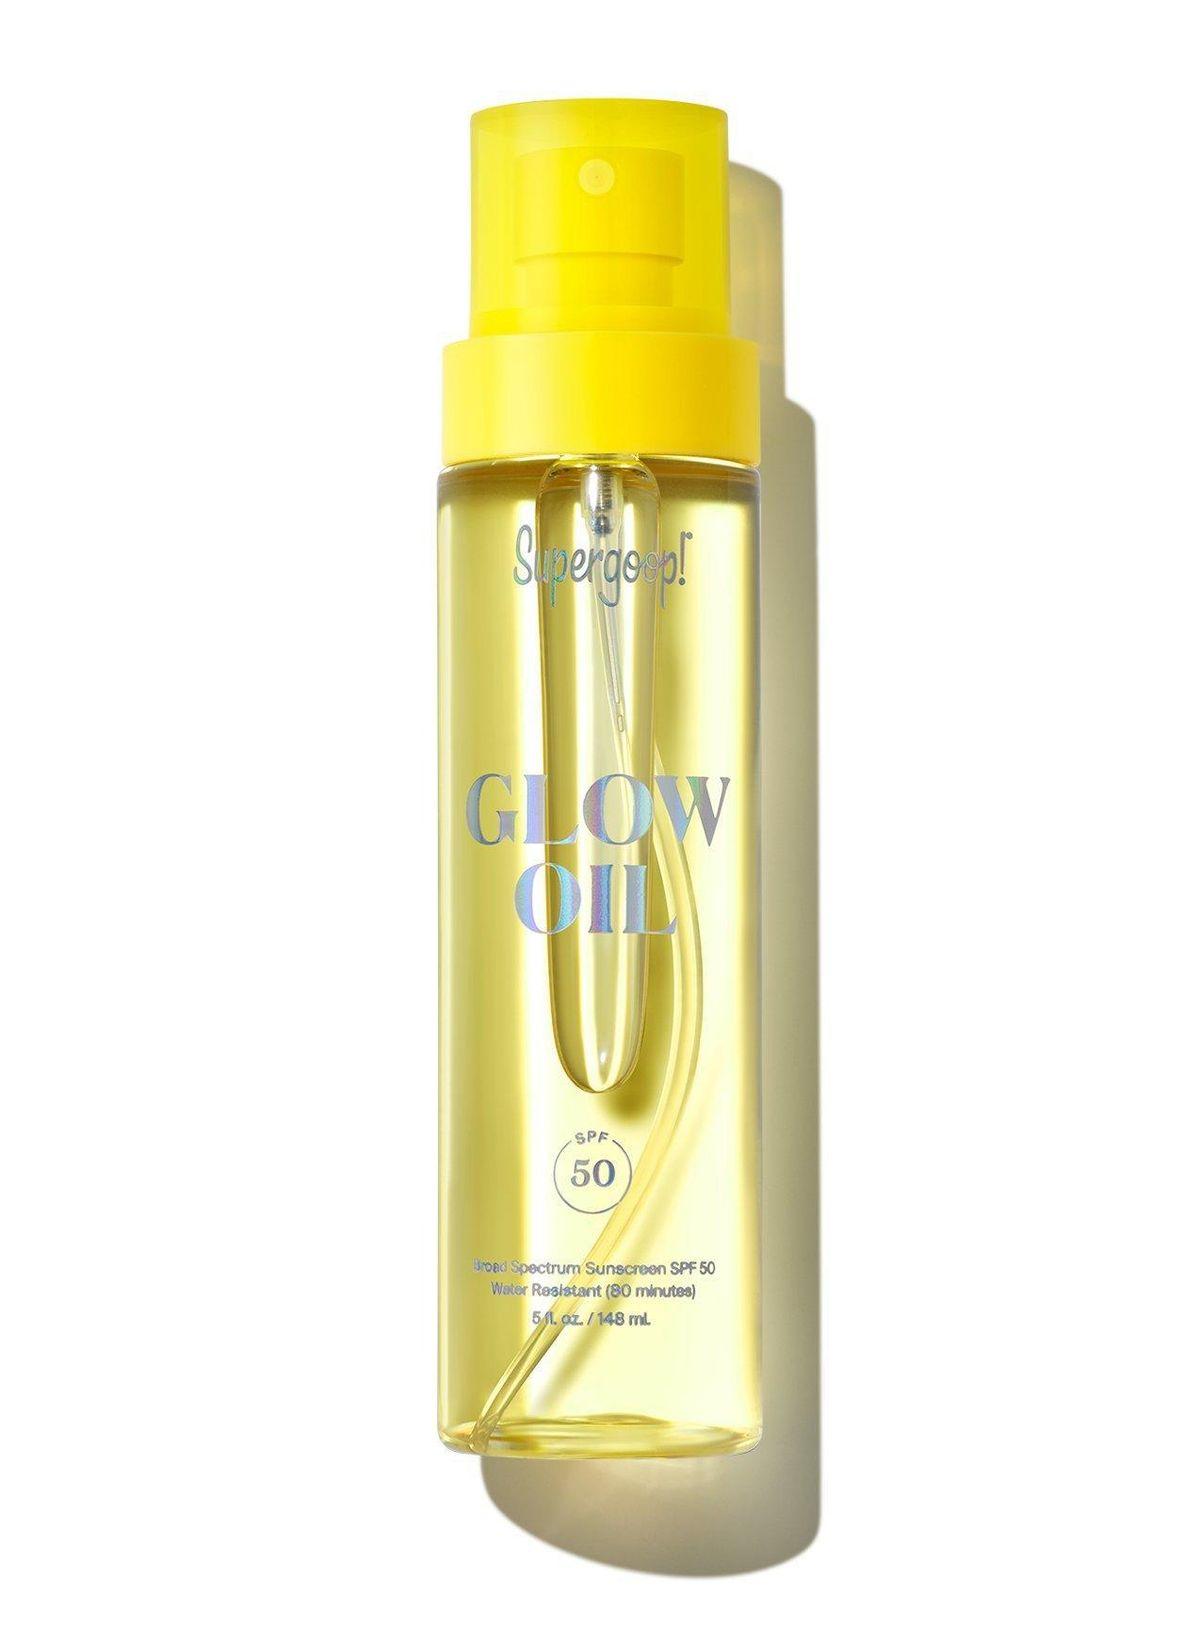 Glow Oil SPF 50 PA++++